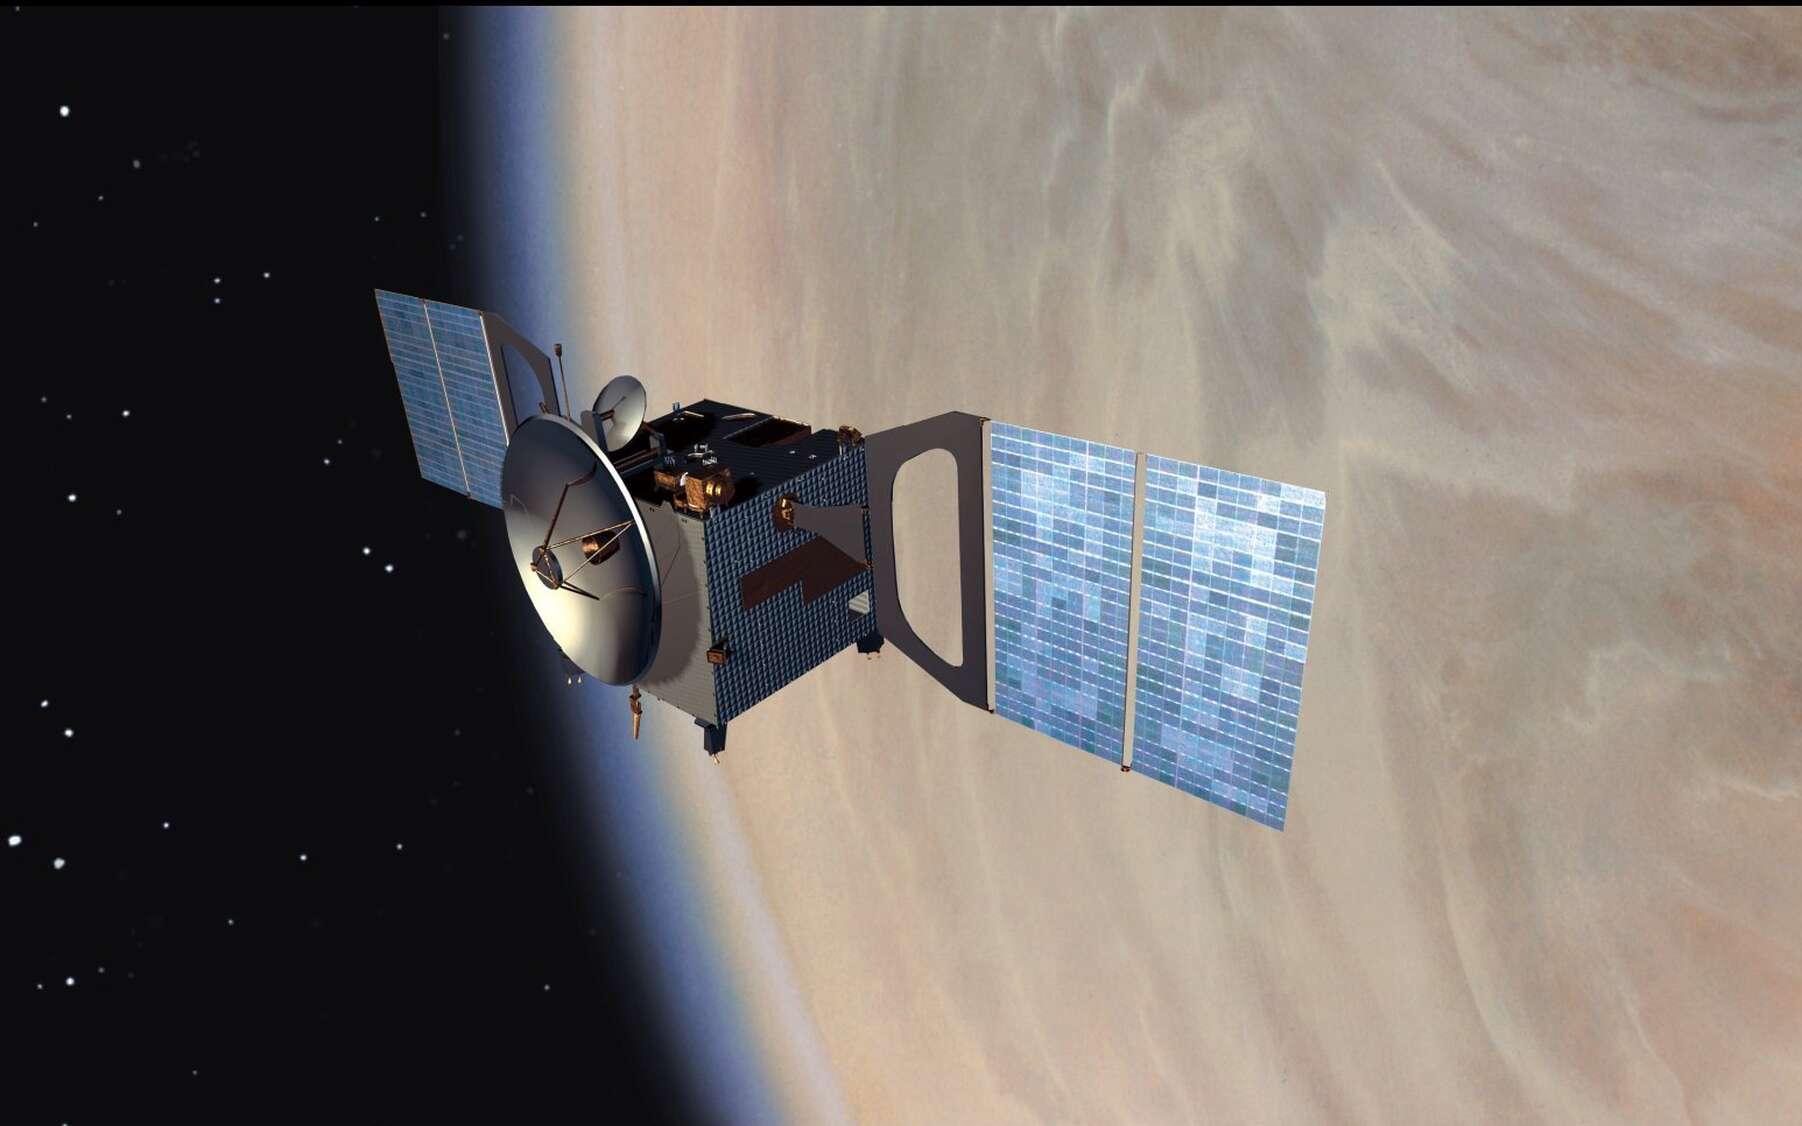 La sonde européenne Venus Express (ici en vue d'artiste) a travaillé en orbite entre 2006 et 2014. © Esa